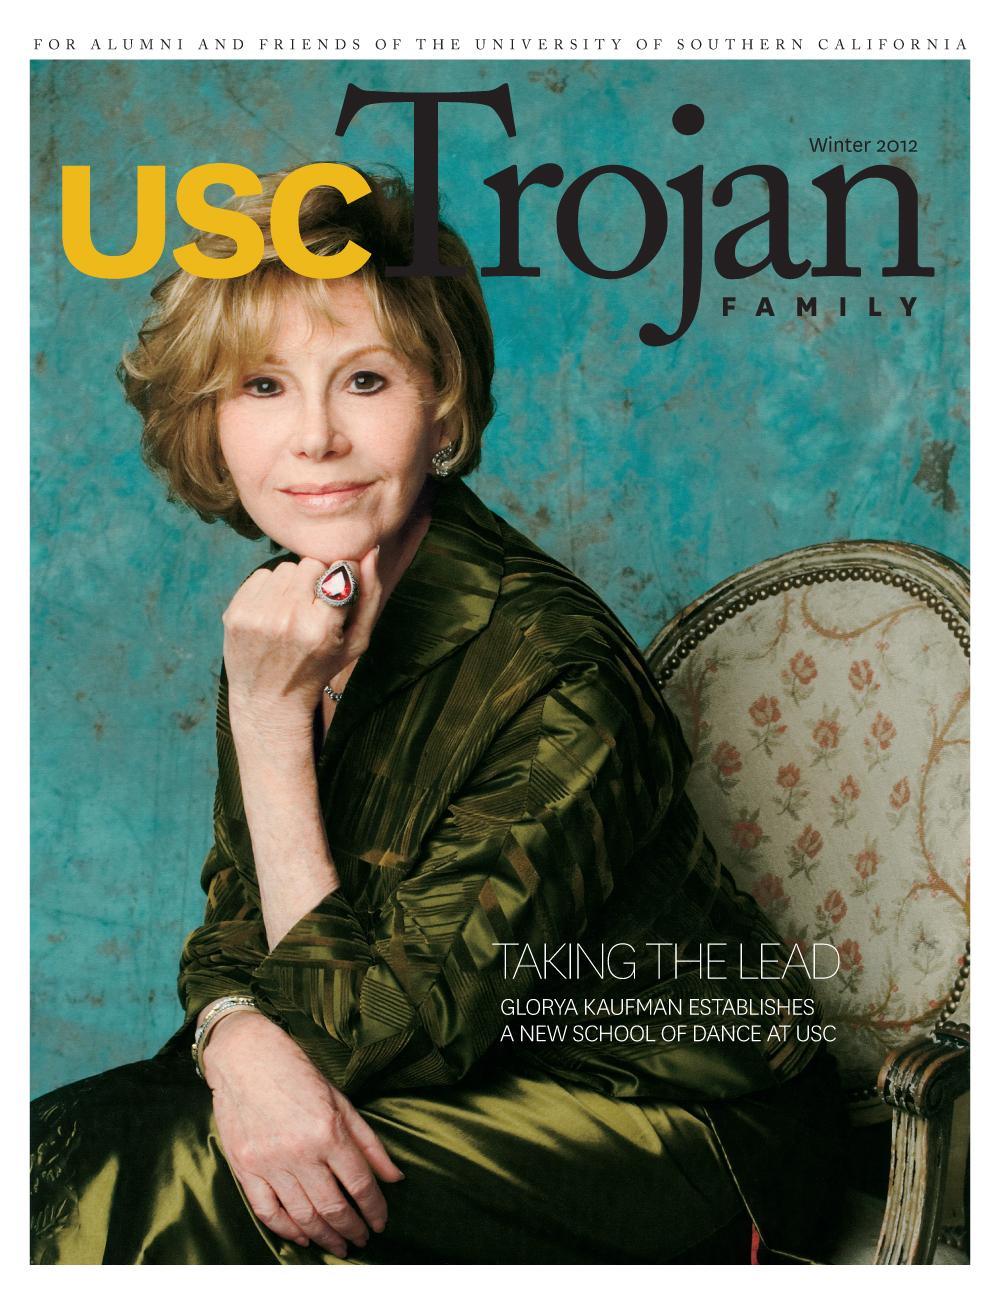 Winter 2012 Trojan Family Magazine cover